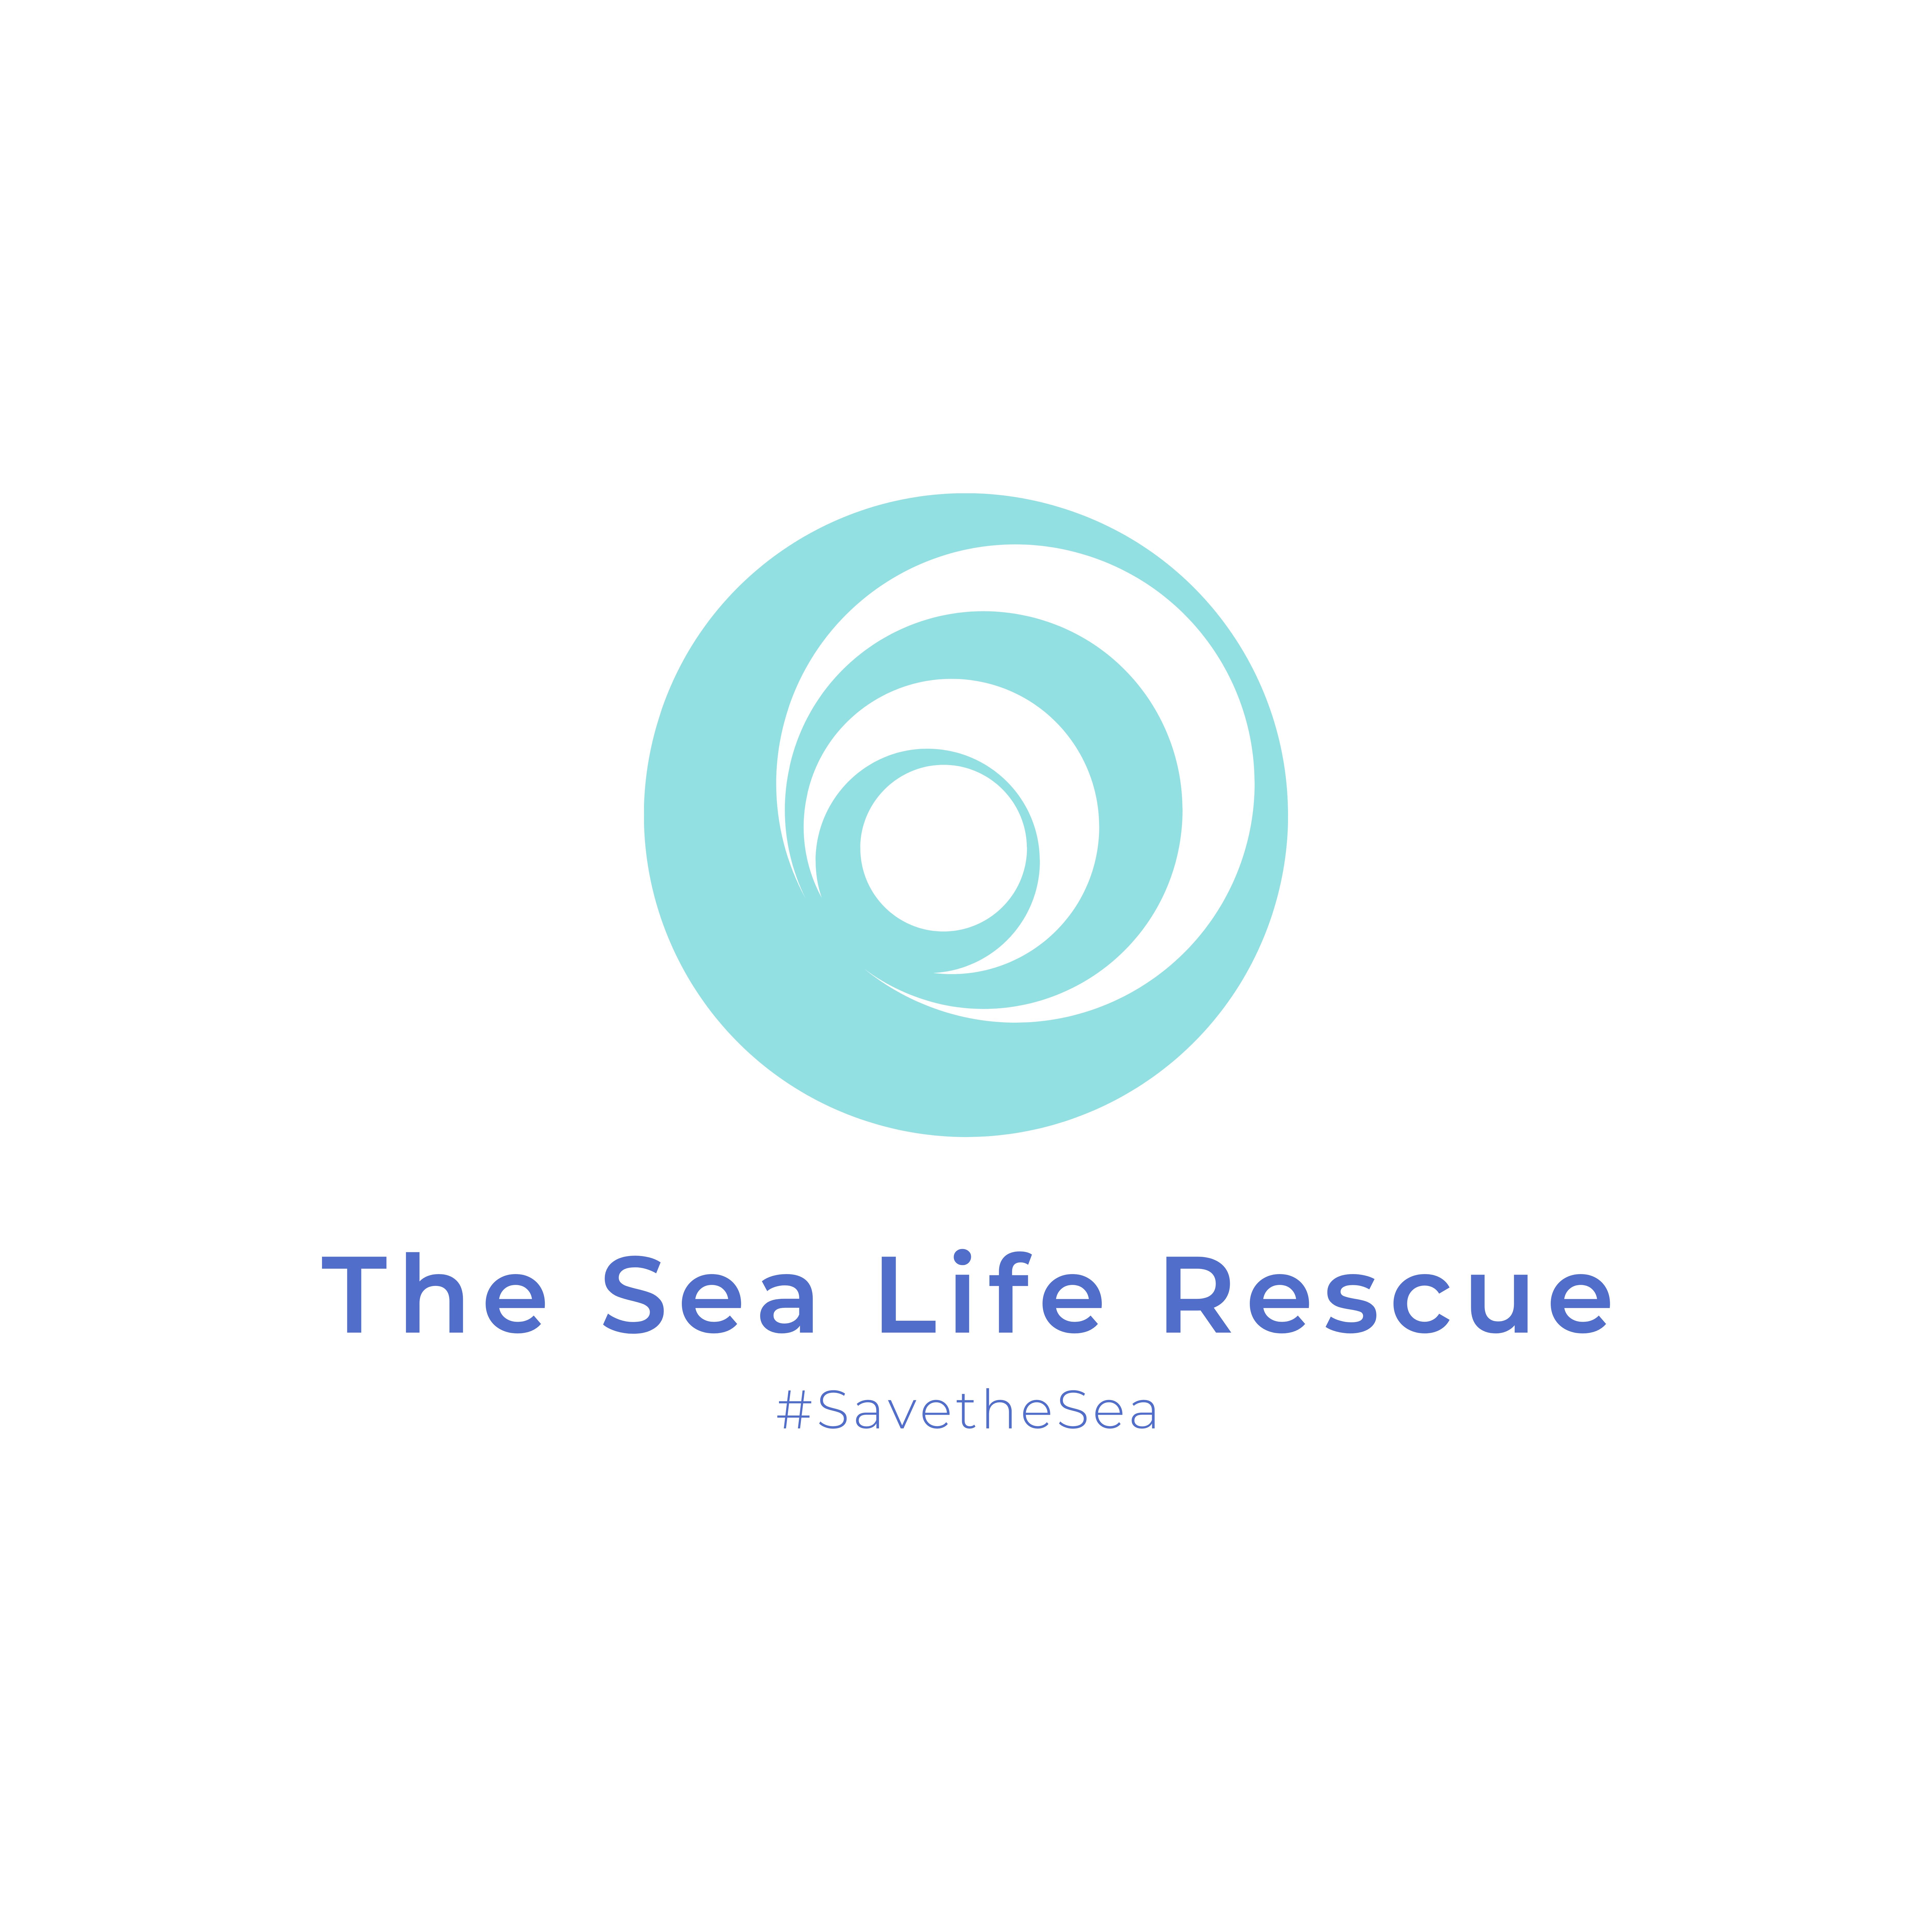 The Sea Life Rescue